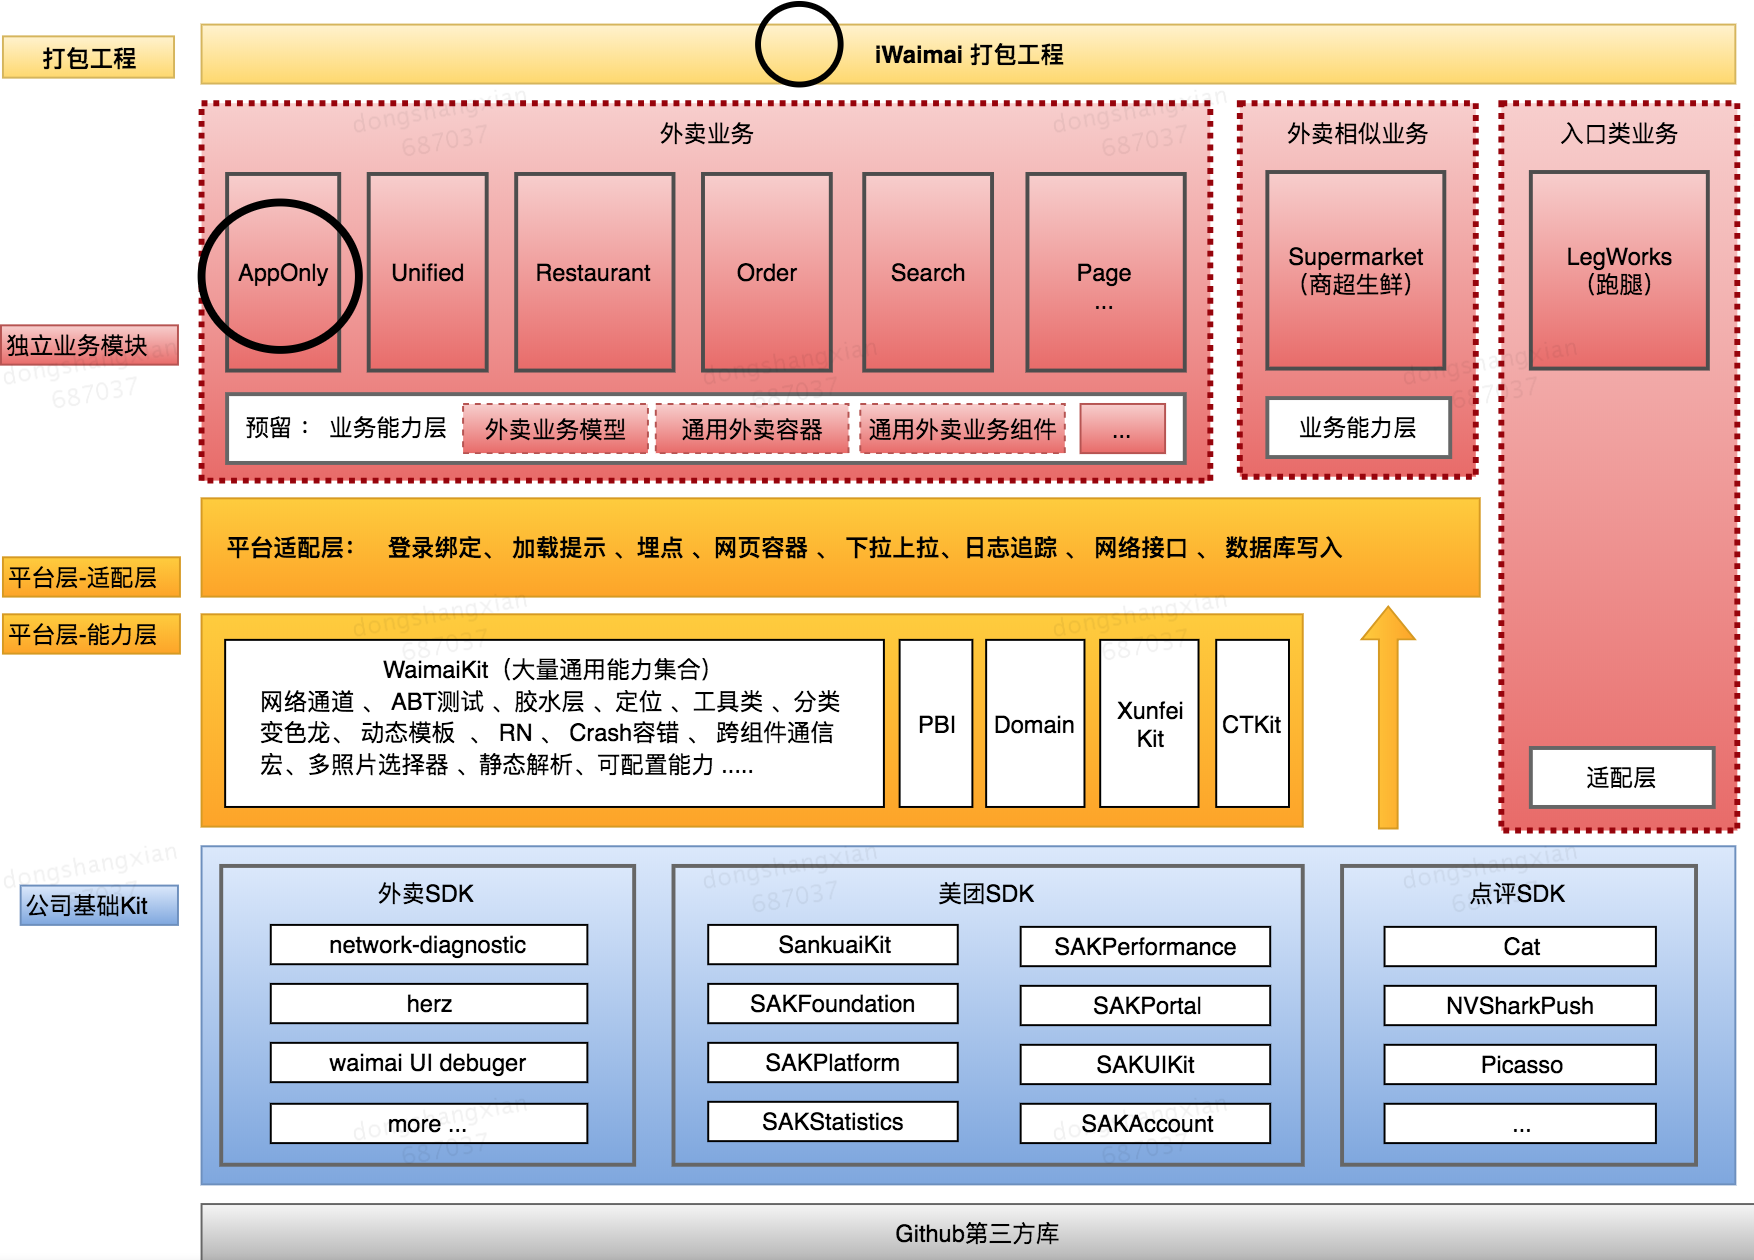 """图12 """"Waimai""""的业务架构"""